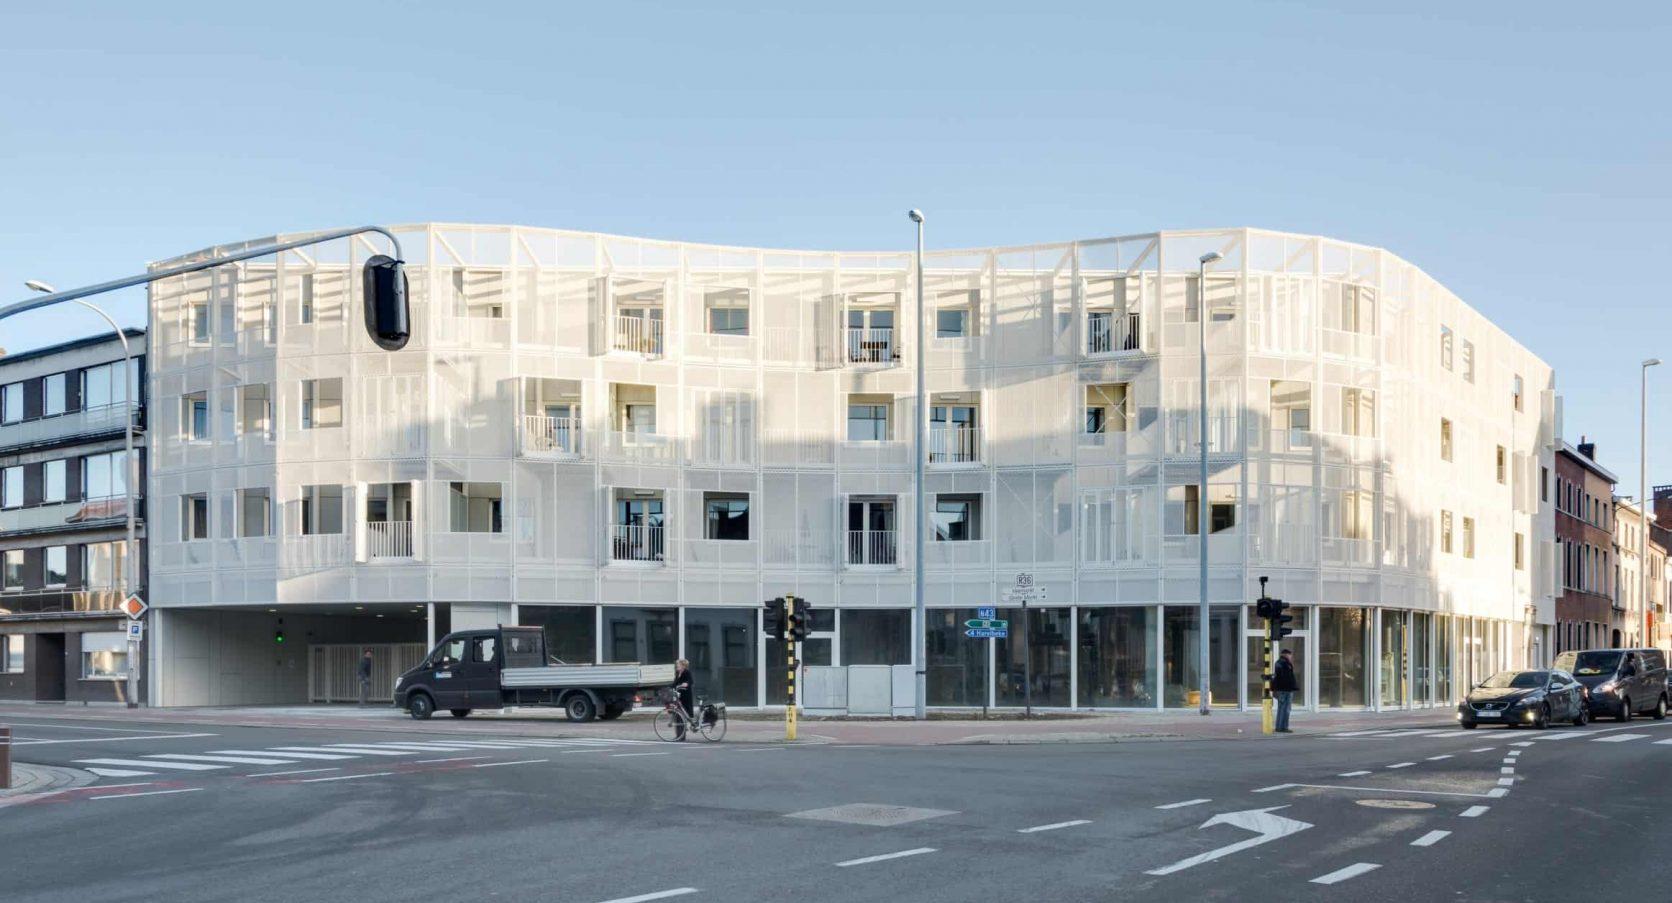 Vooraanzicht van het woningbouwproject Gutenberg in Kortrijk België, uitgerust met MD Strekmetaal gevelbekleding